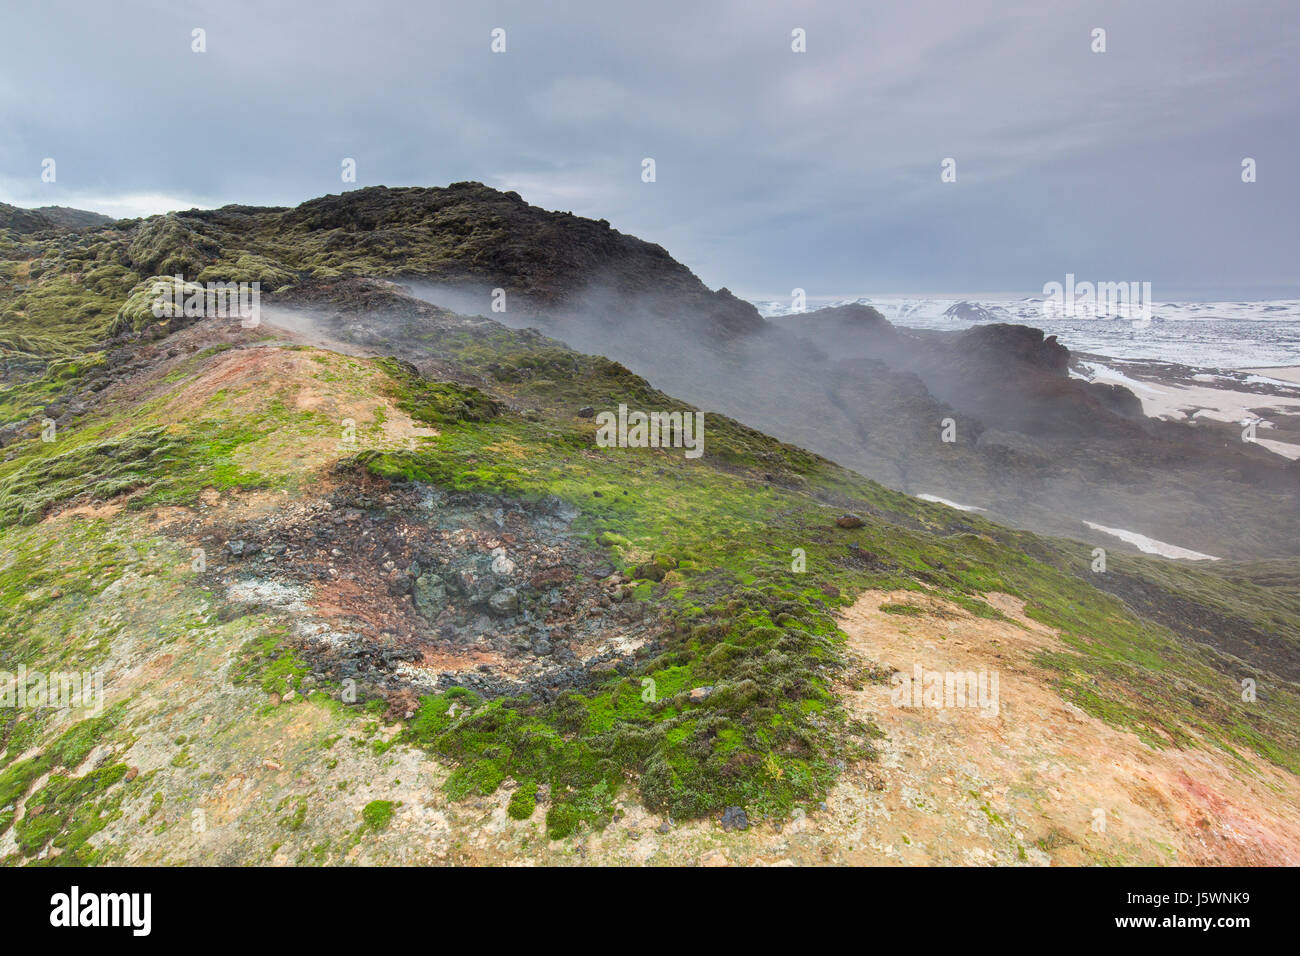 Fumerolle à Leirhnjukur / Leirhnjúkur, dans le champ de lave Krafla caldera en hiver, boutiques eystra / Nordurland eystra, Nord de l'Islande Banque D'Images